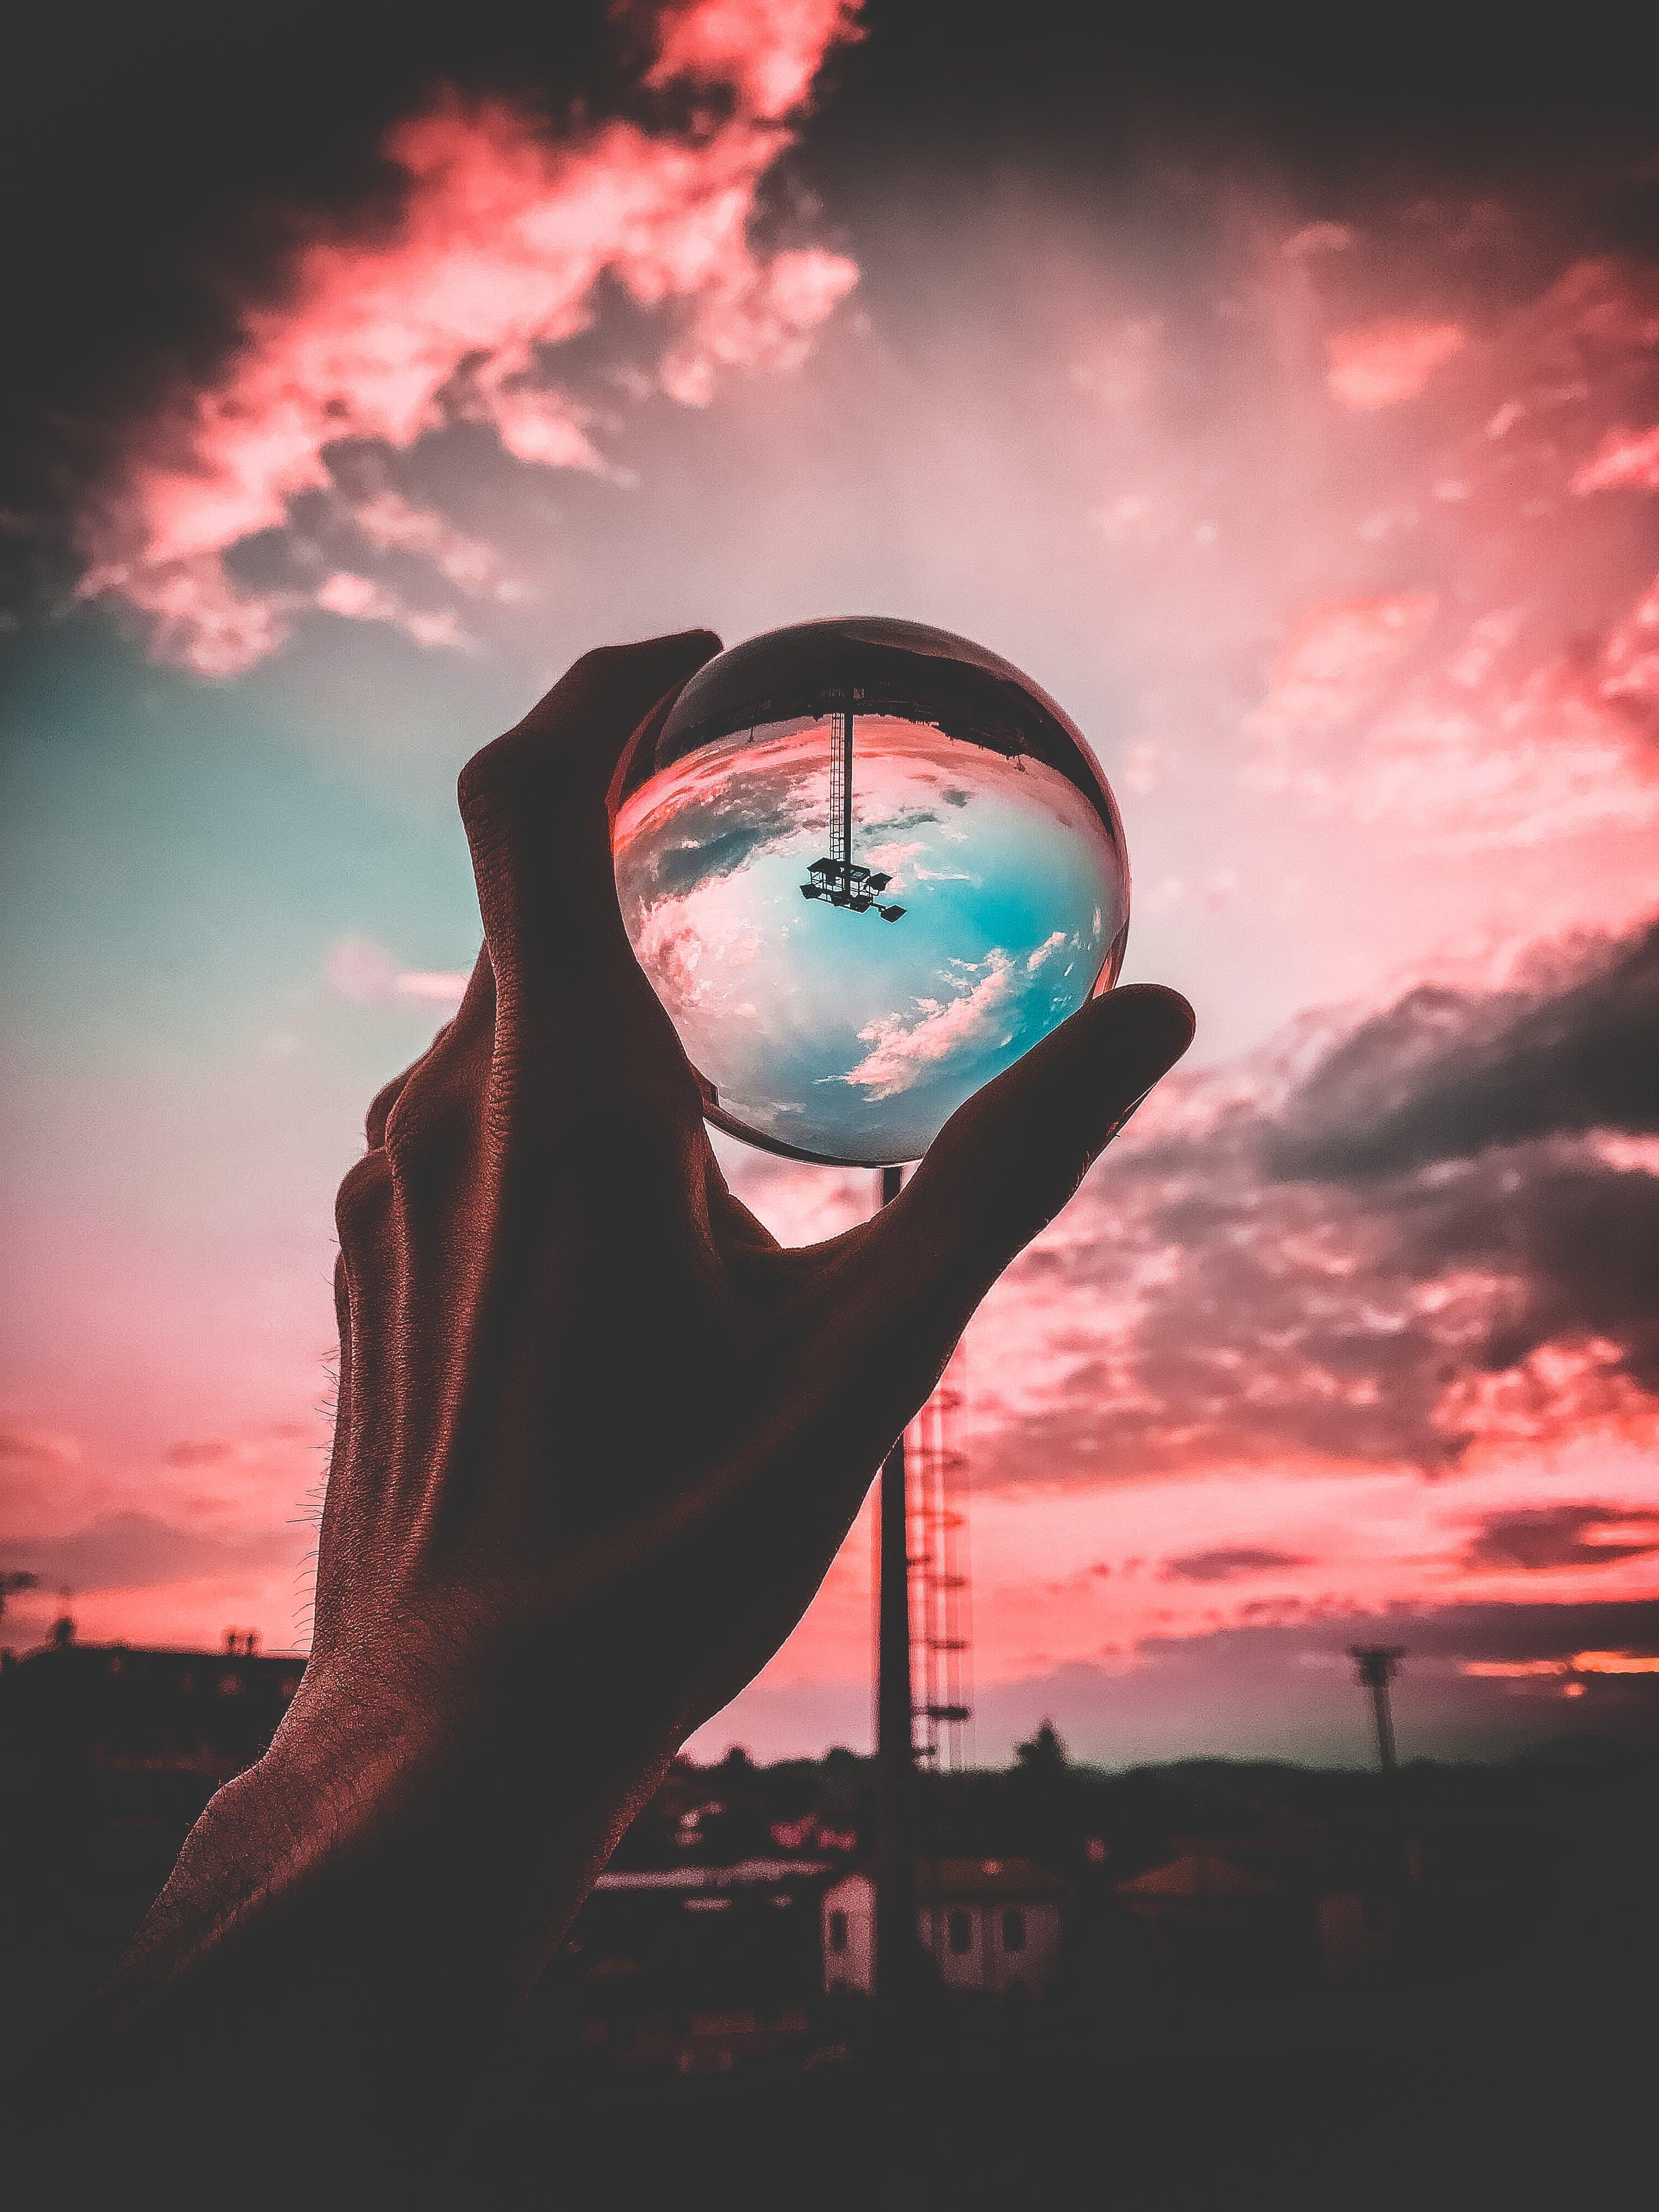 Kostenloses Stock Foto zu sonnenuntergang, person, hand, wolken